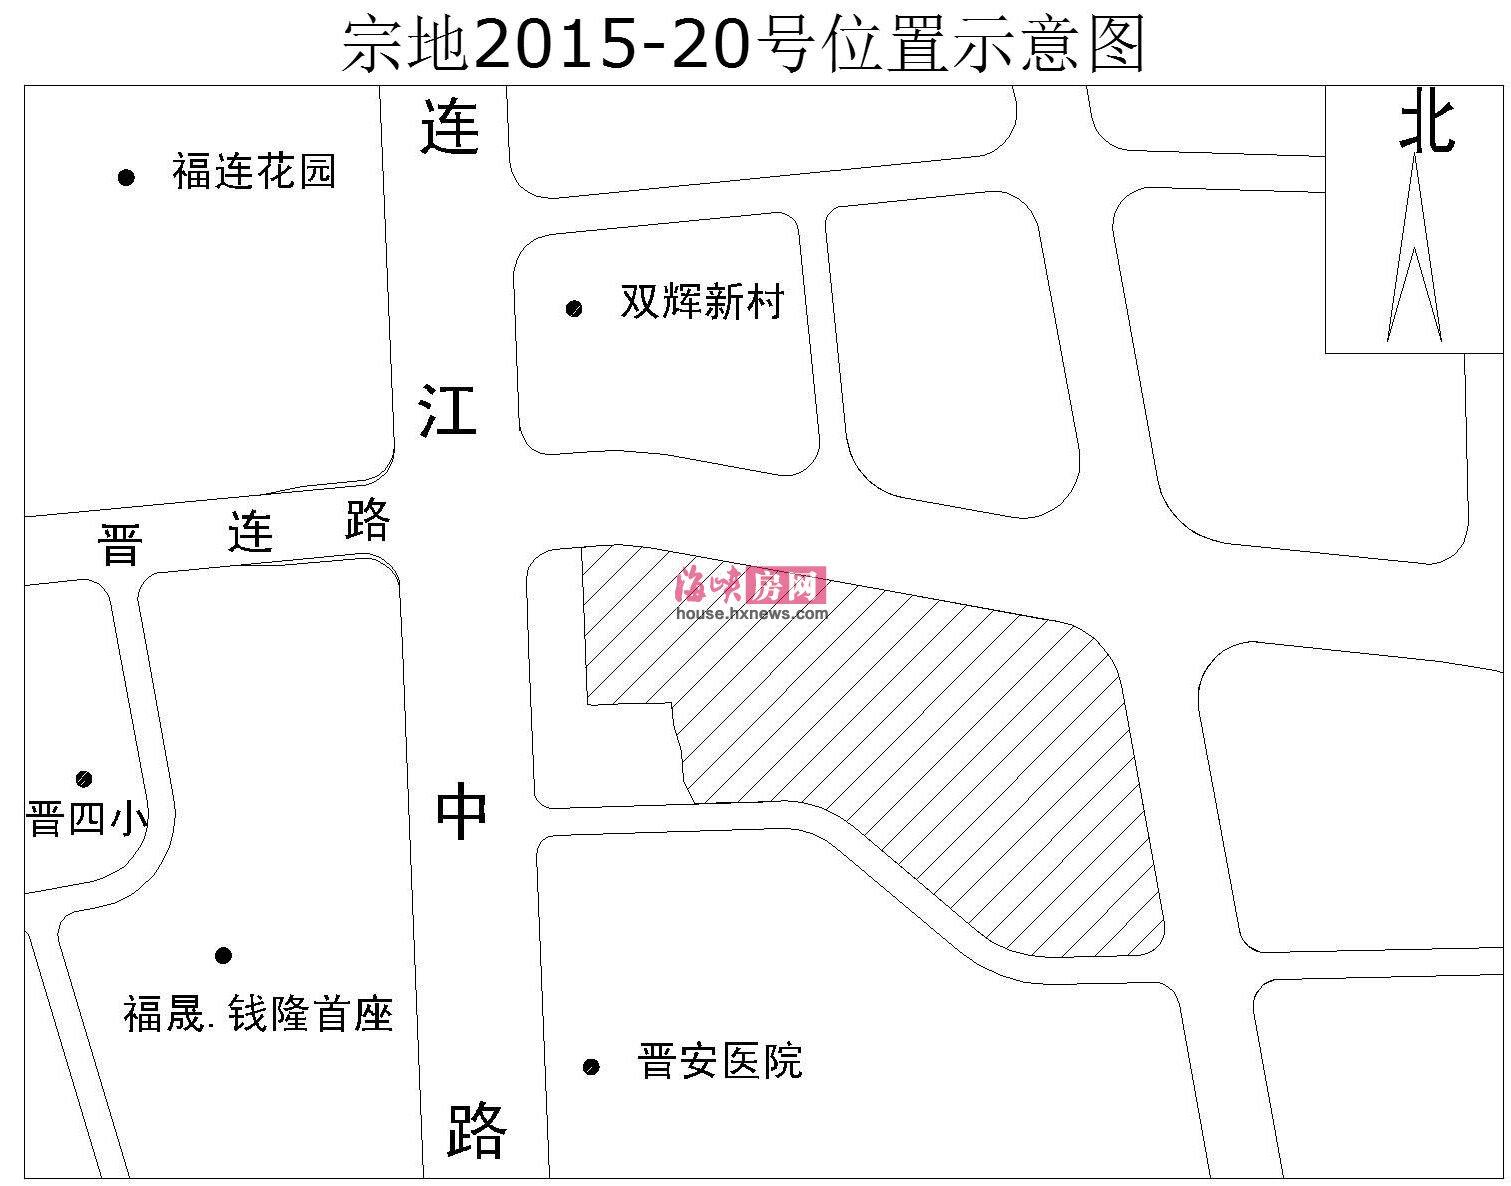 宗地2015-20号位置示意图